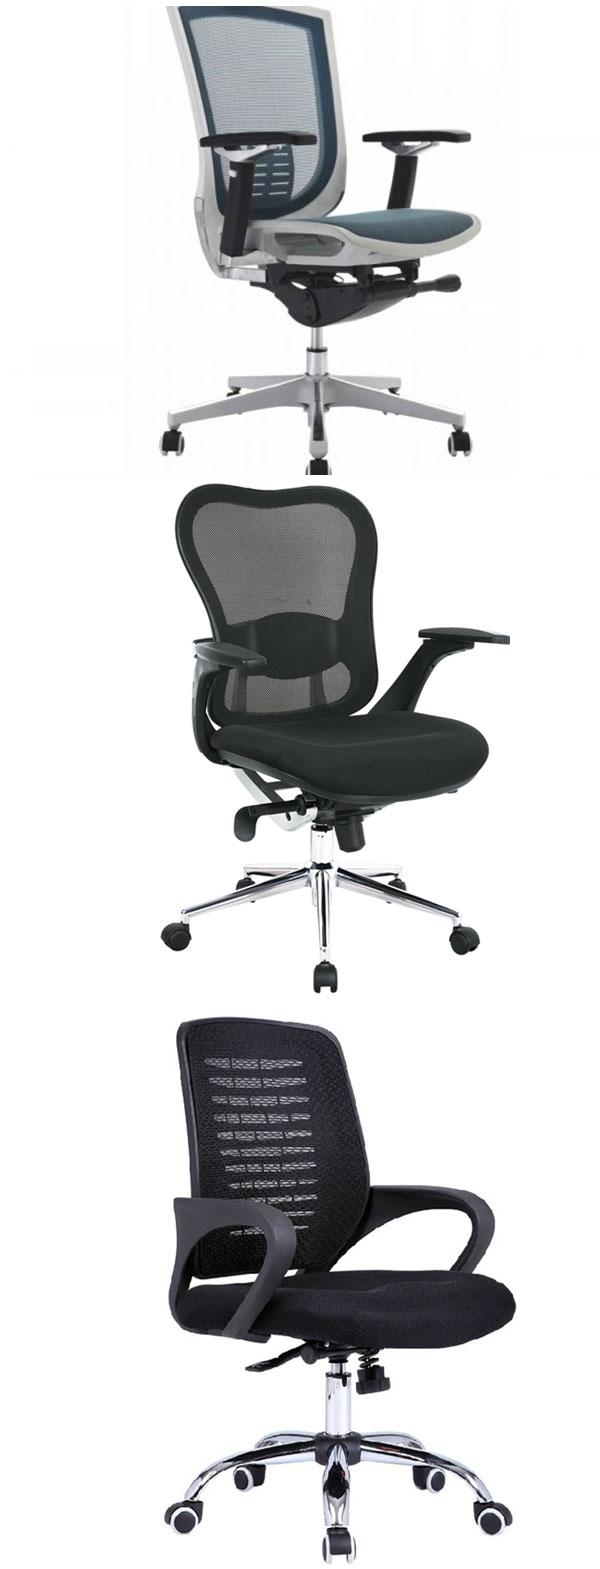 上海品源家具厂为您专业定制办公椅,会议椅,电脑椅,职员椅,老板椅